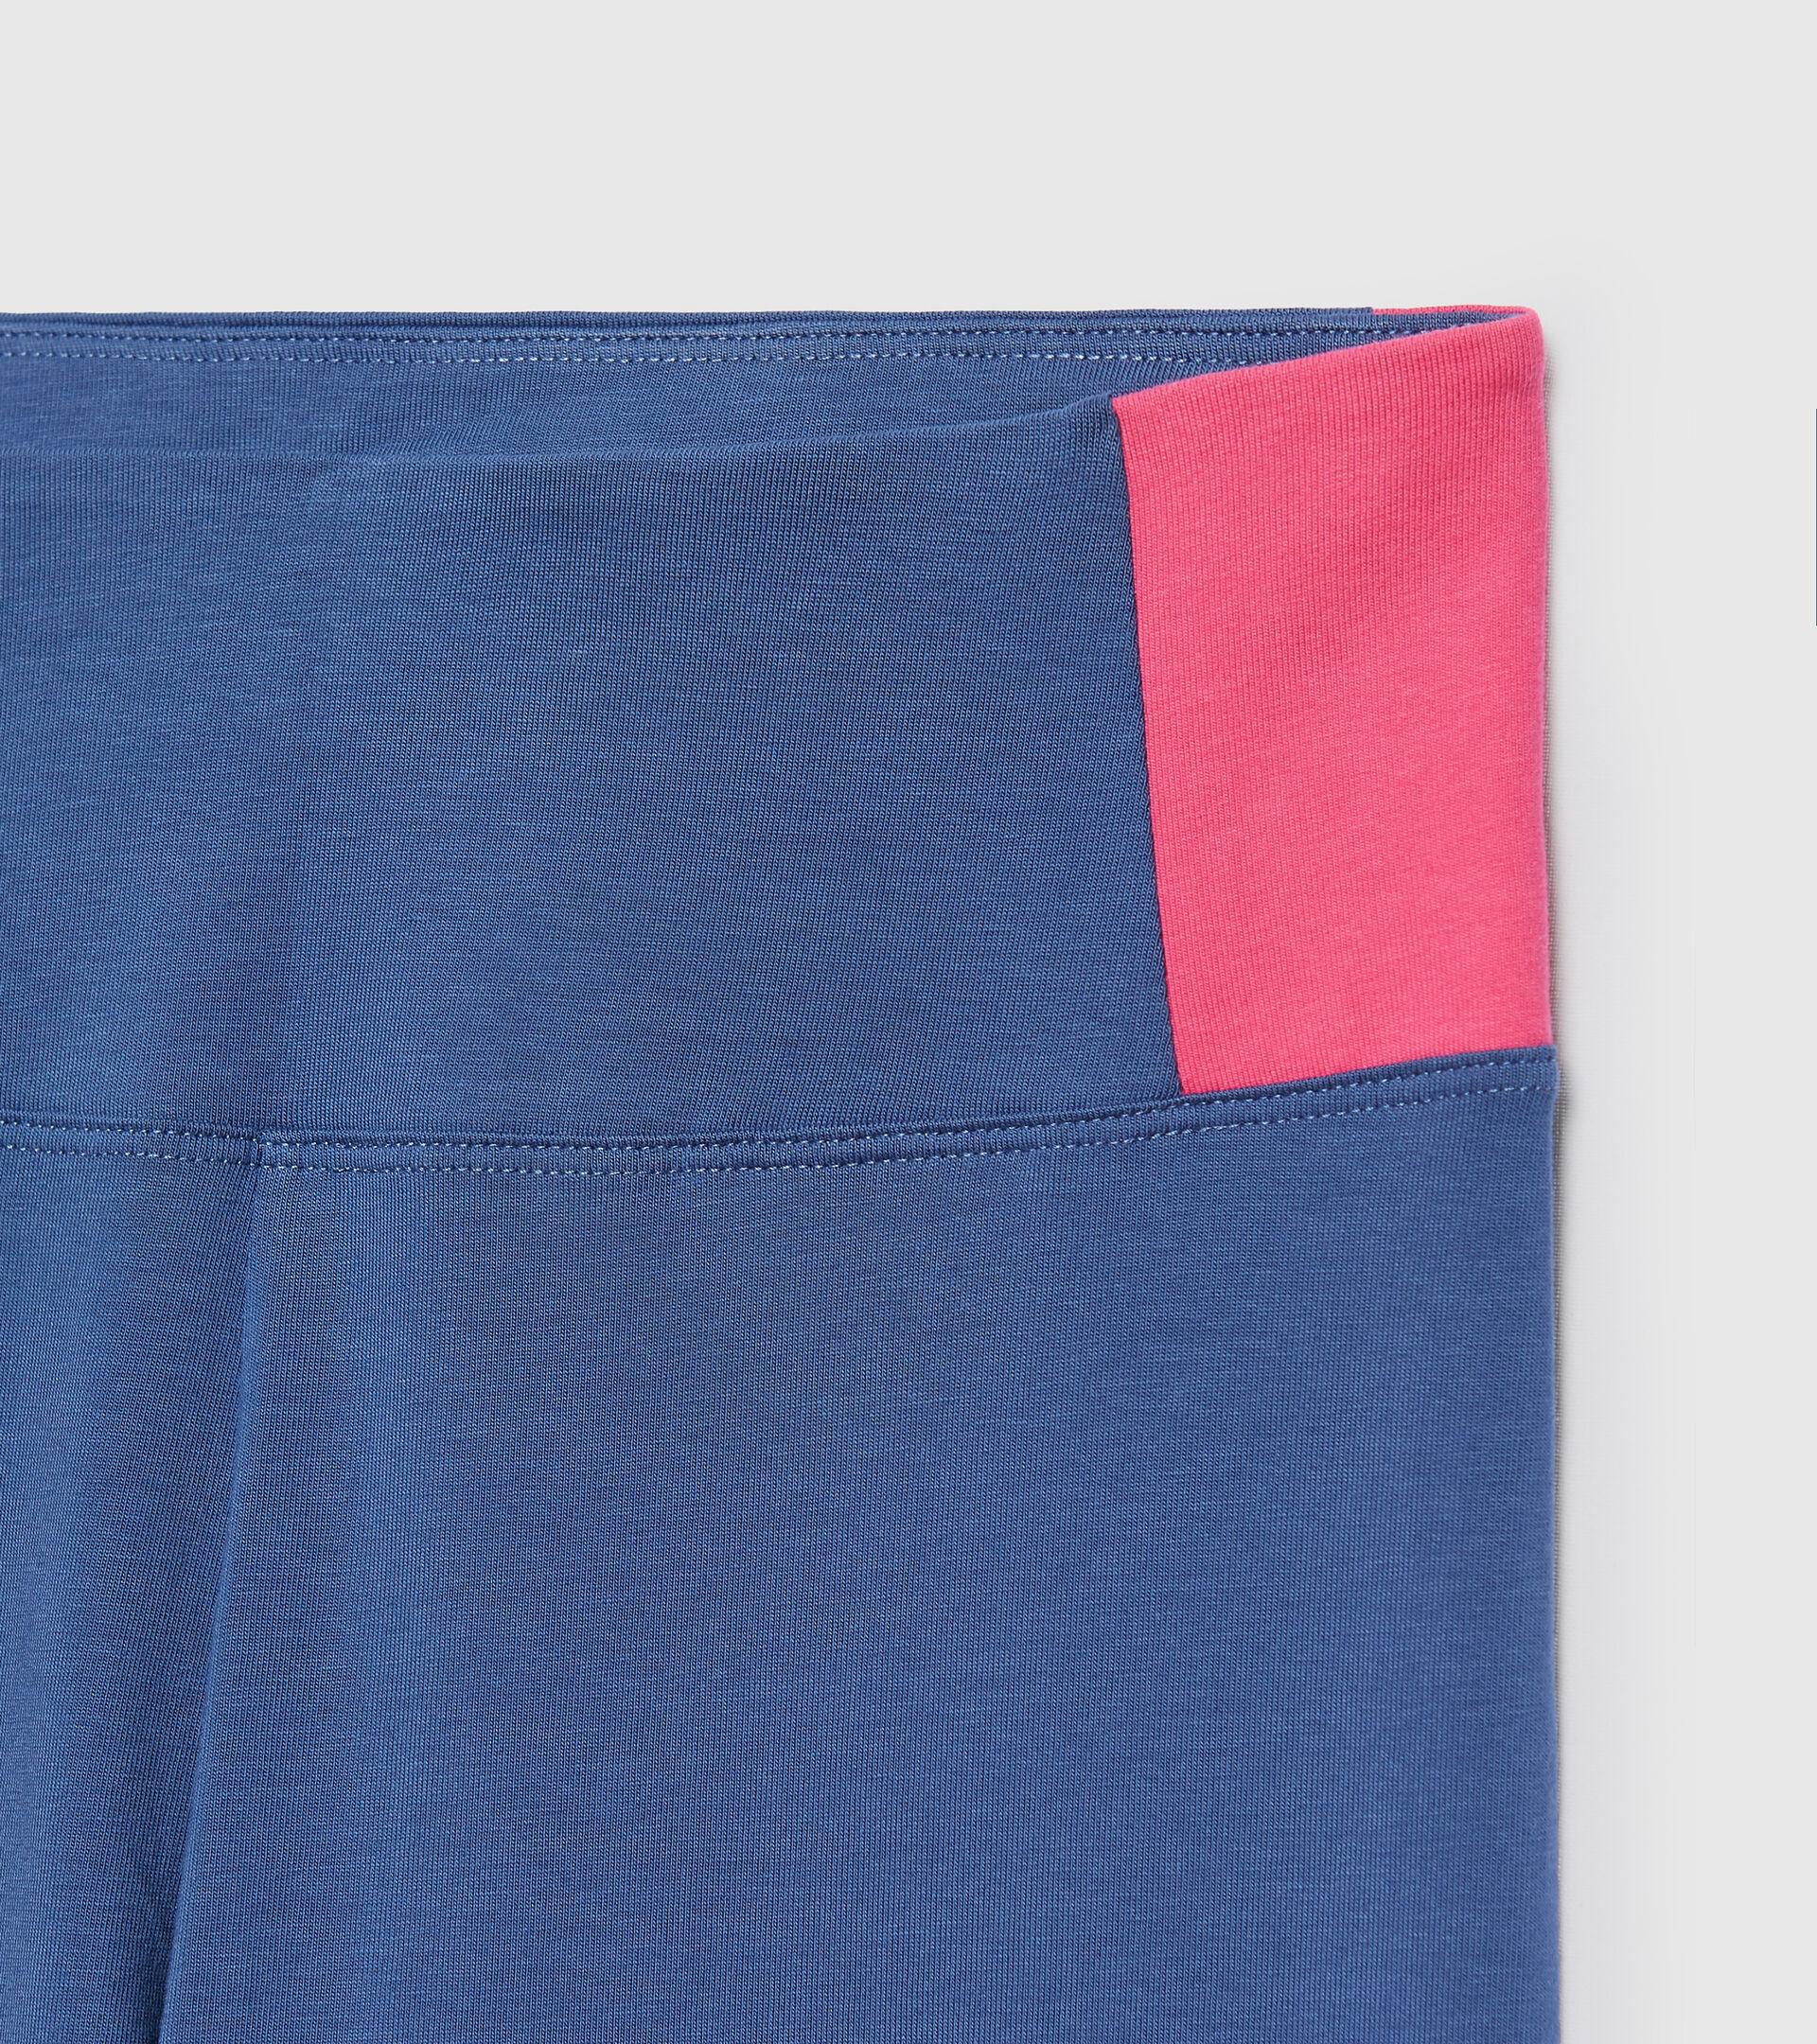 Sporthose - Damen L.LEGGINGS LUSH BIJOU BLAU - Diadora